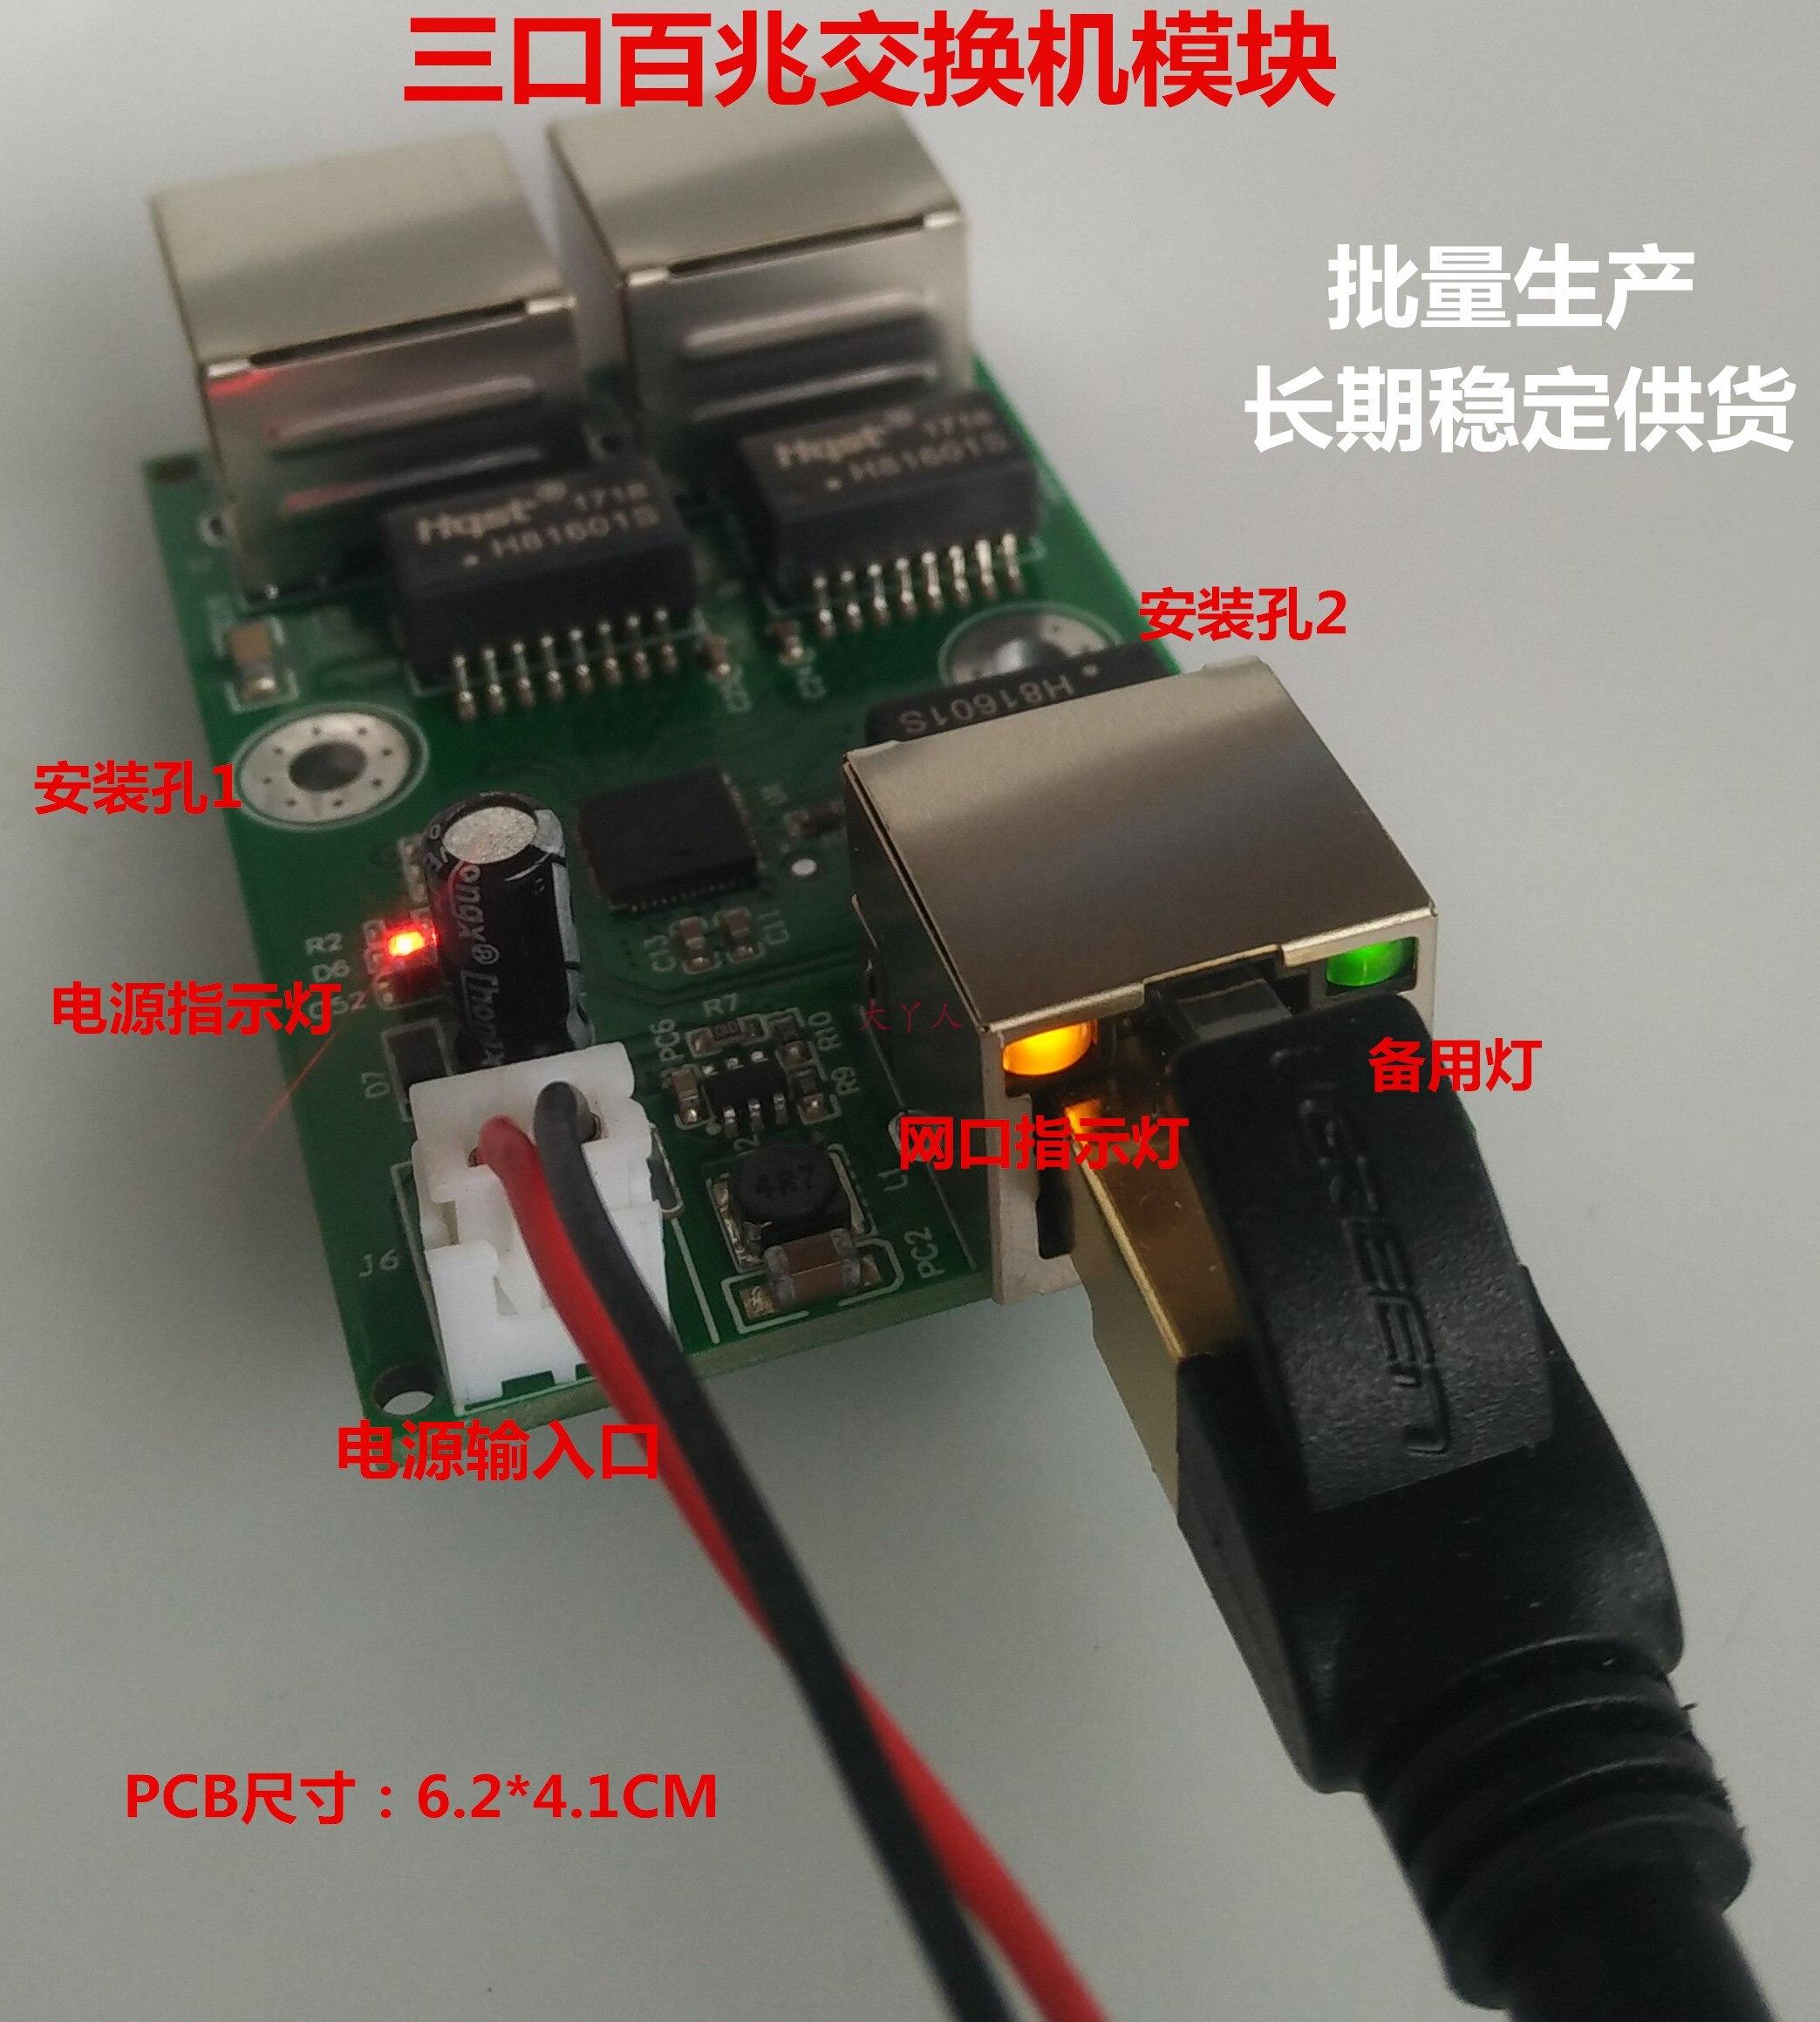 Mini Ethernet 3 puertos de extensión de distancia divisor de caja de cableado de red de bajo consumo con módulo de interruptor de lámpara RJ45